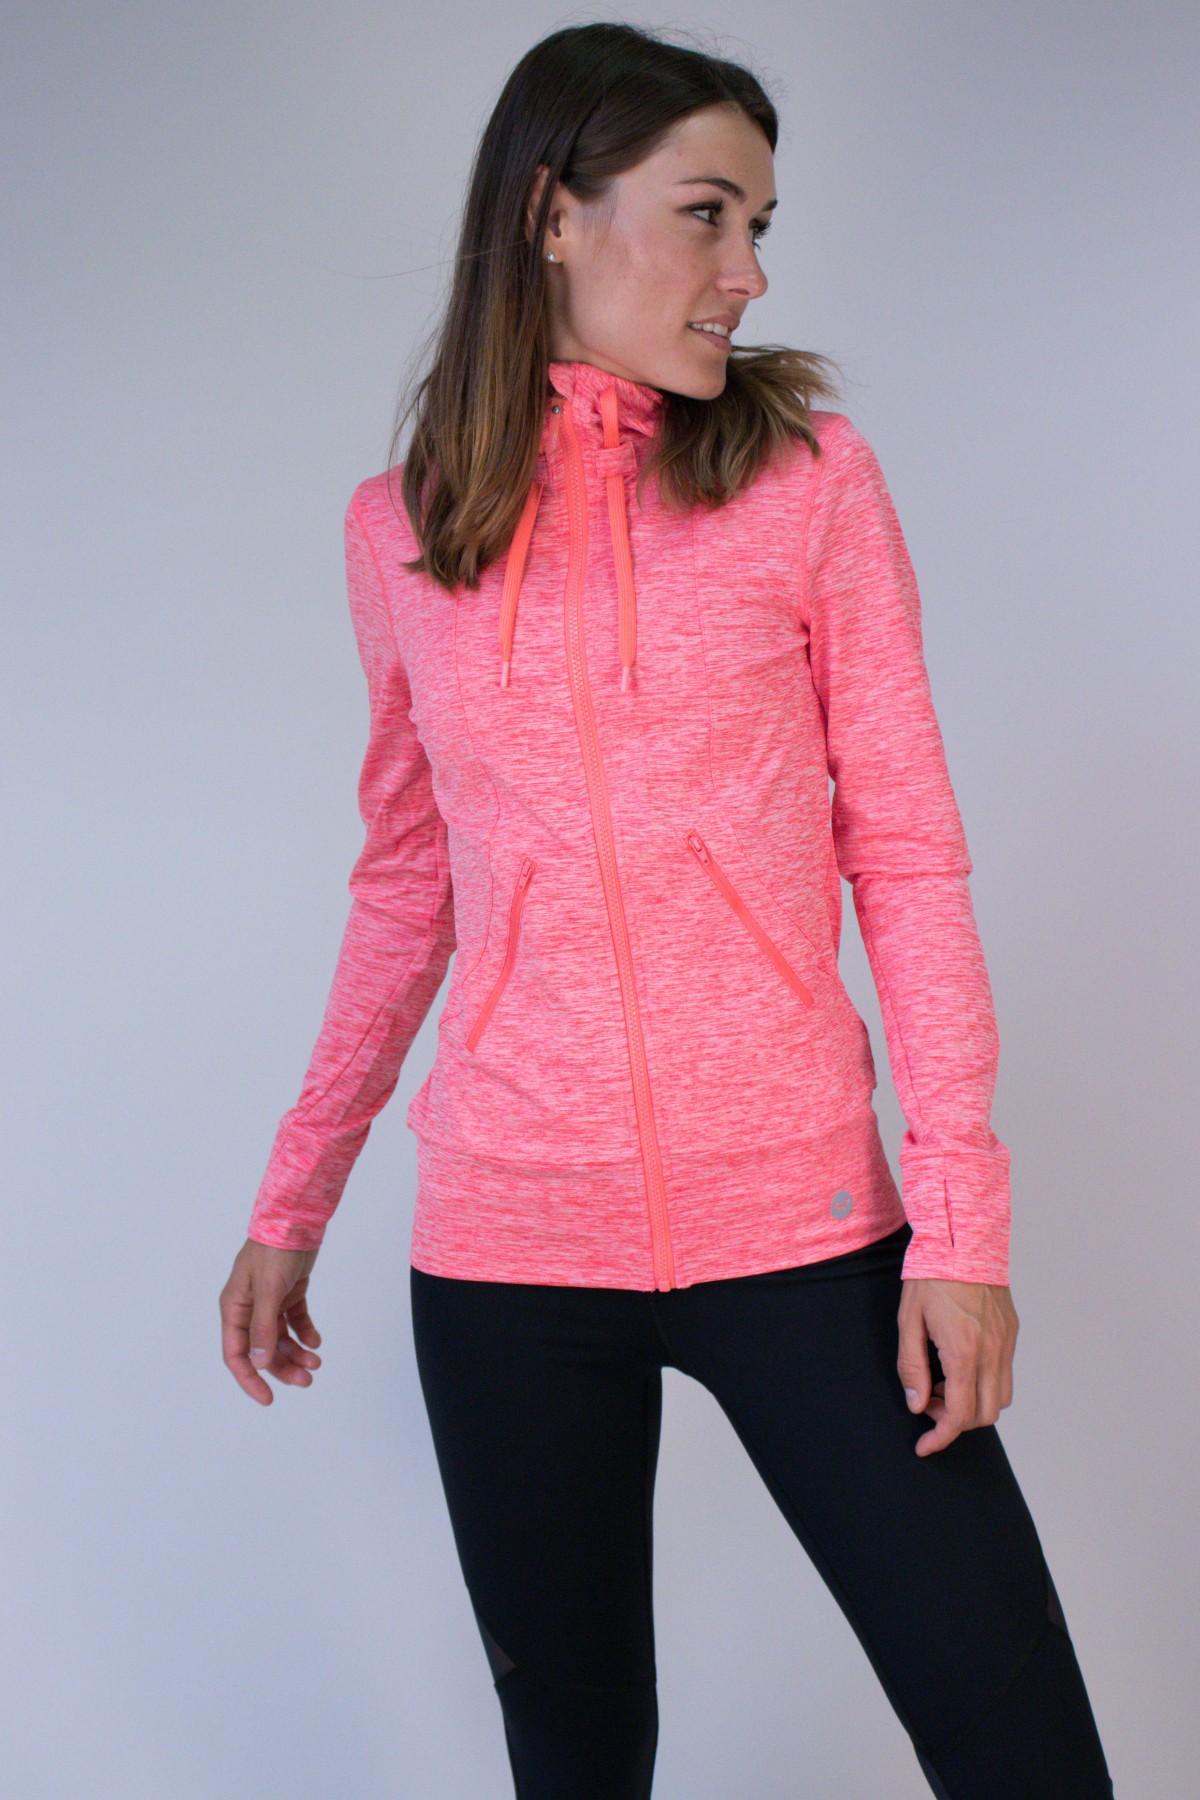 03deae2bae La veste de sport zippée à capuche Every Little Things de chez Roxy  deviendra vite indispensable à nos sorties sportives intersaisons et  hivernales !